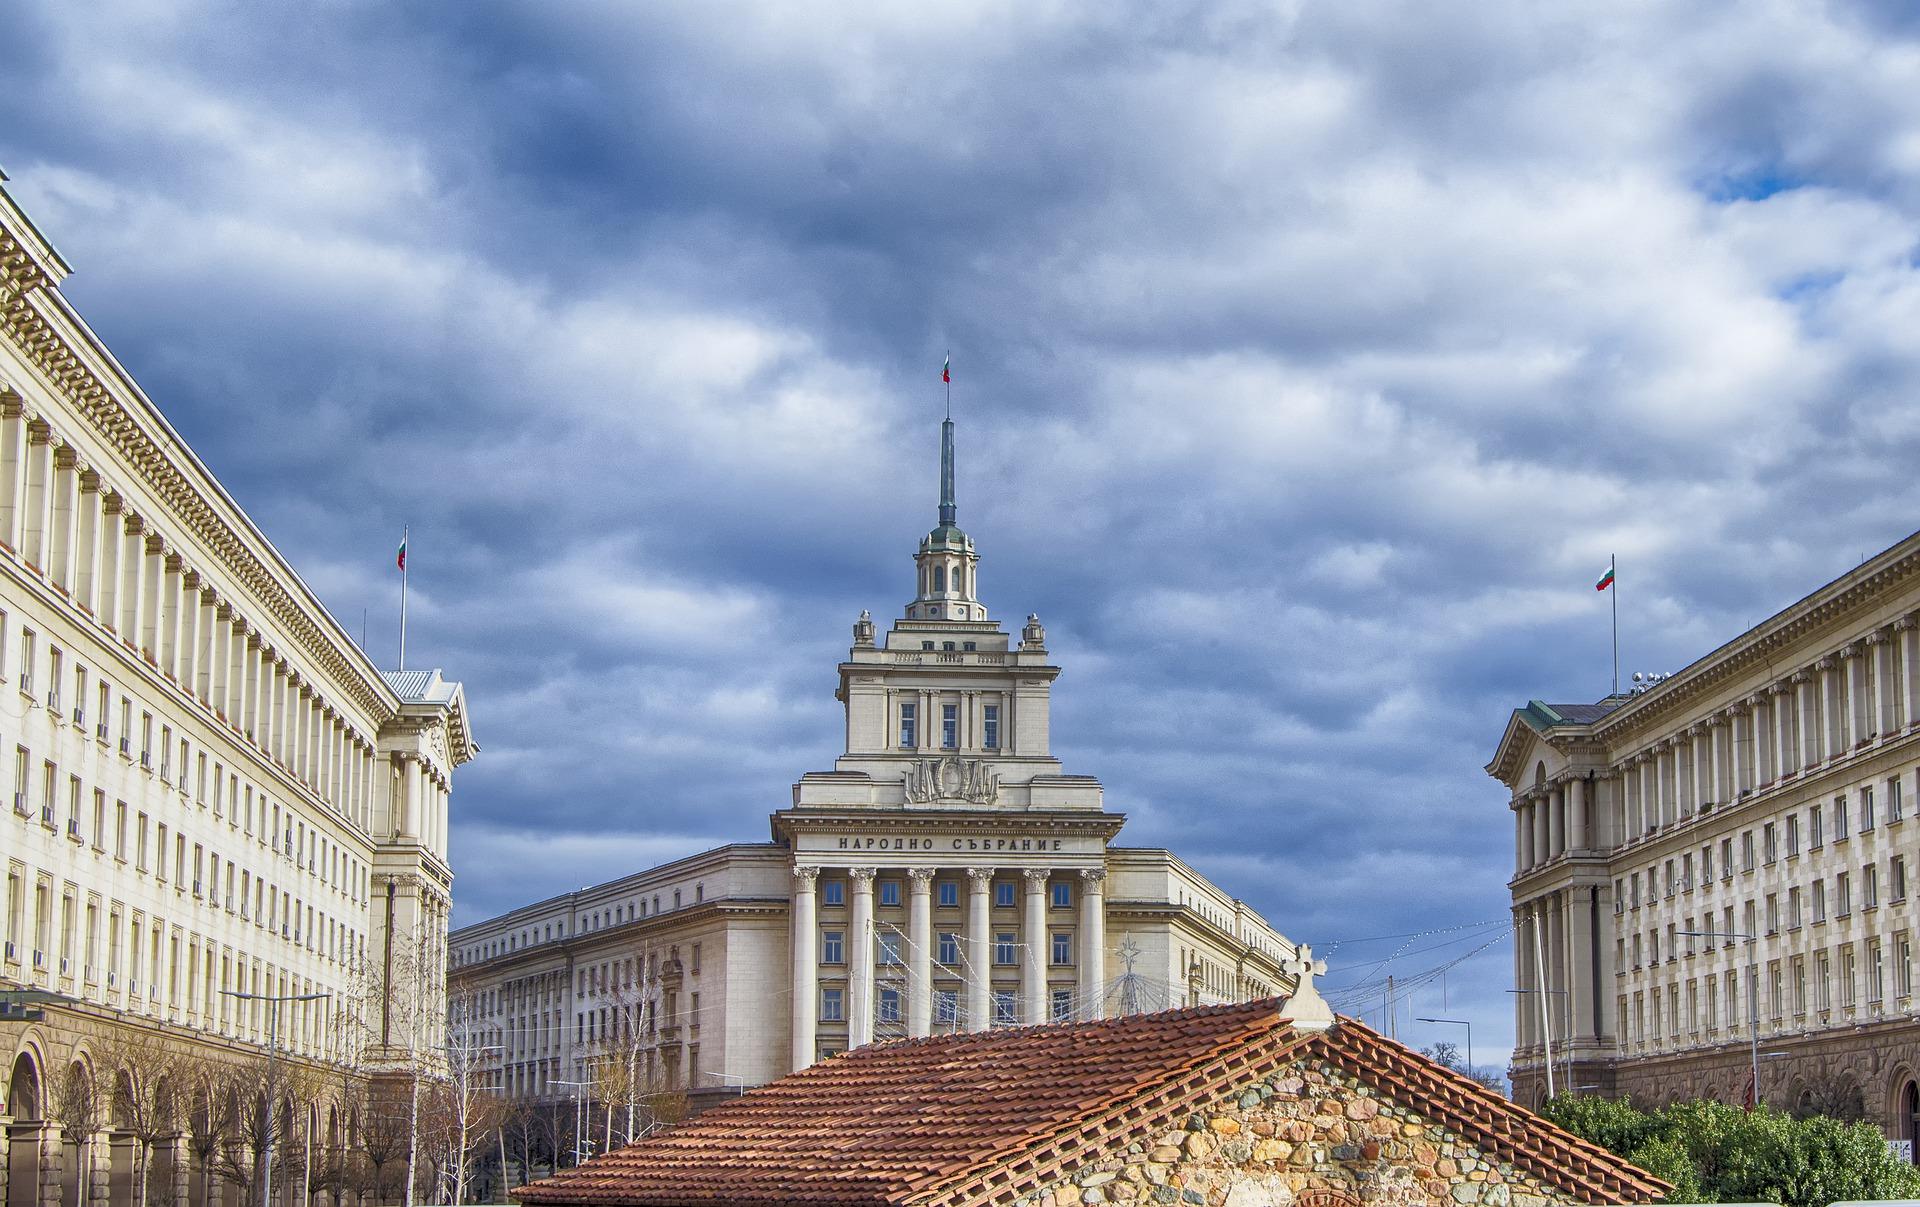 Sofia Sehenswürdigkeiten: Unsere Lieblingsplätze & die schönsten Fotospots